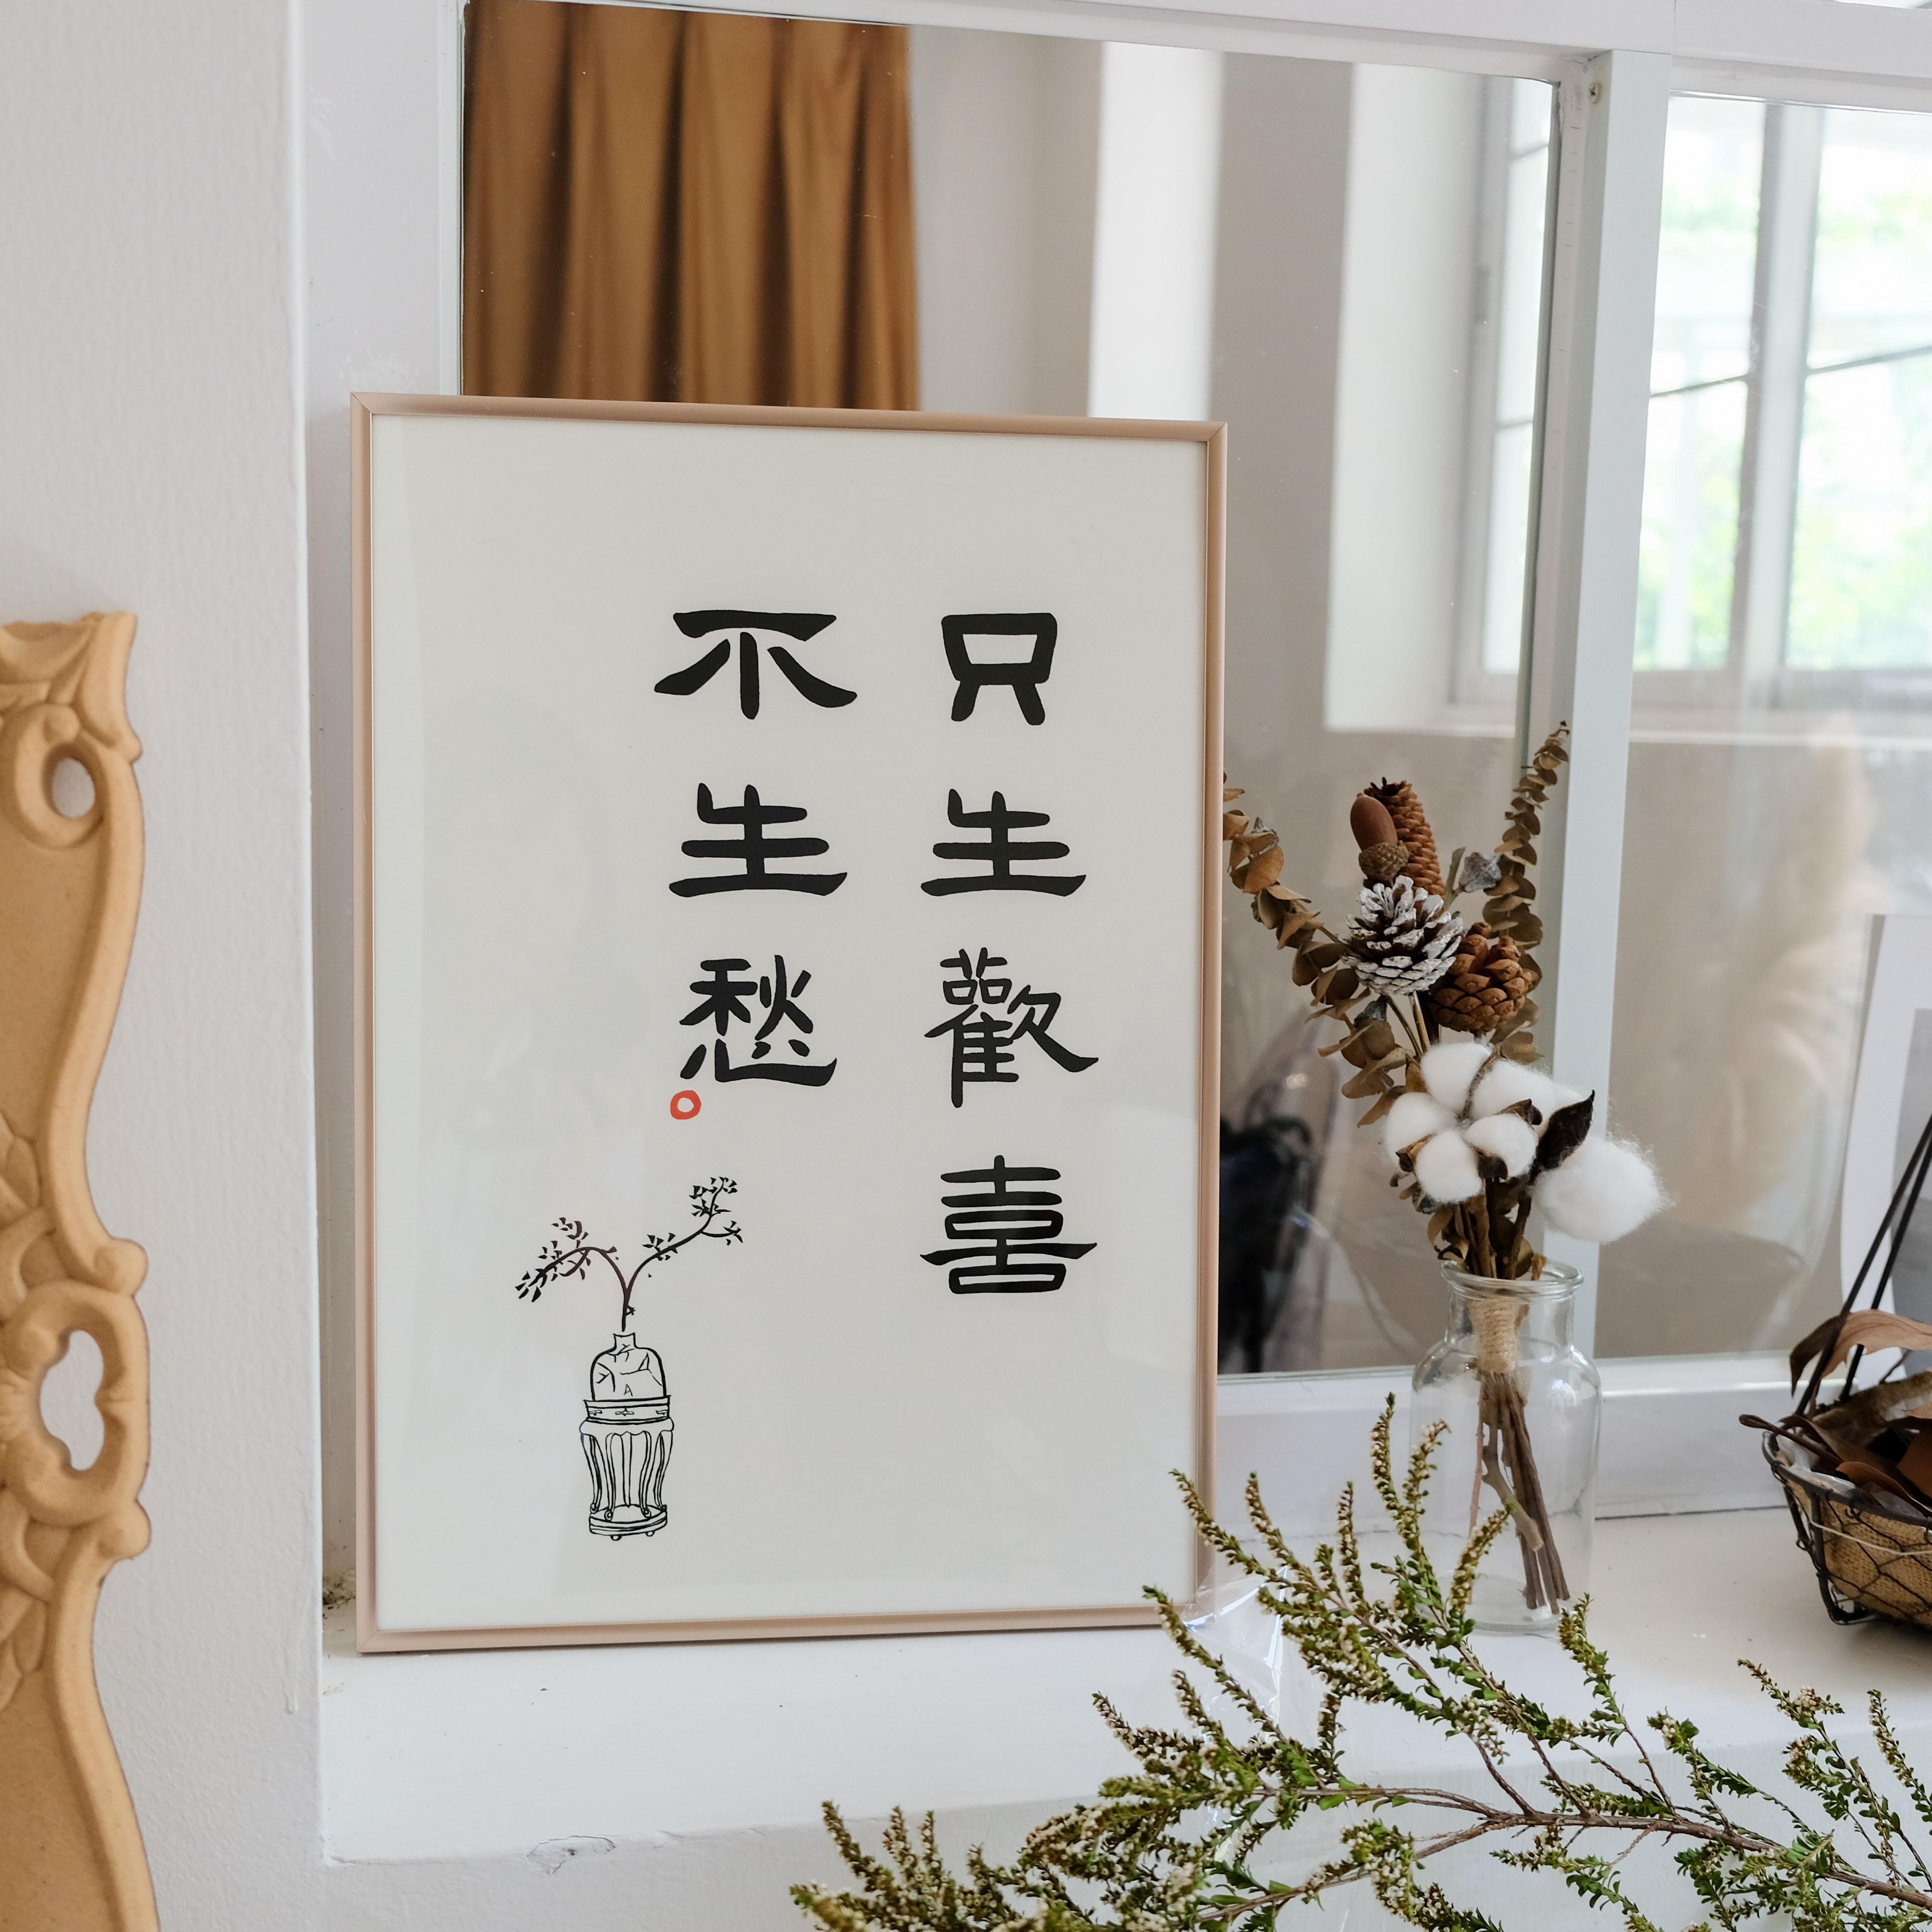 只生歡喜不生愁日式客廳裝飾畫手寫中式書法字畫玄關臥室餐廳掛畫